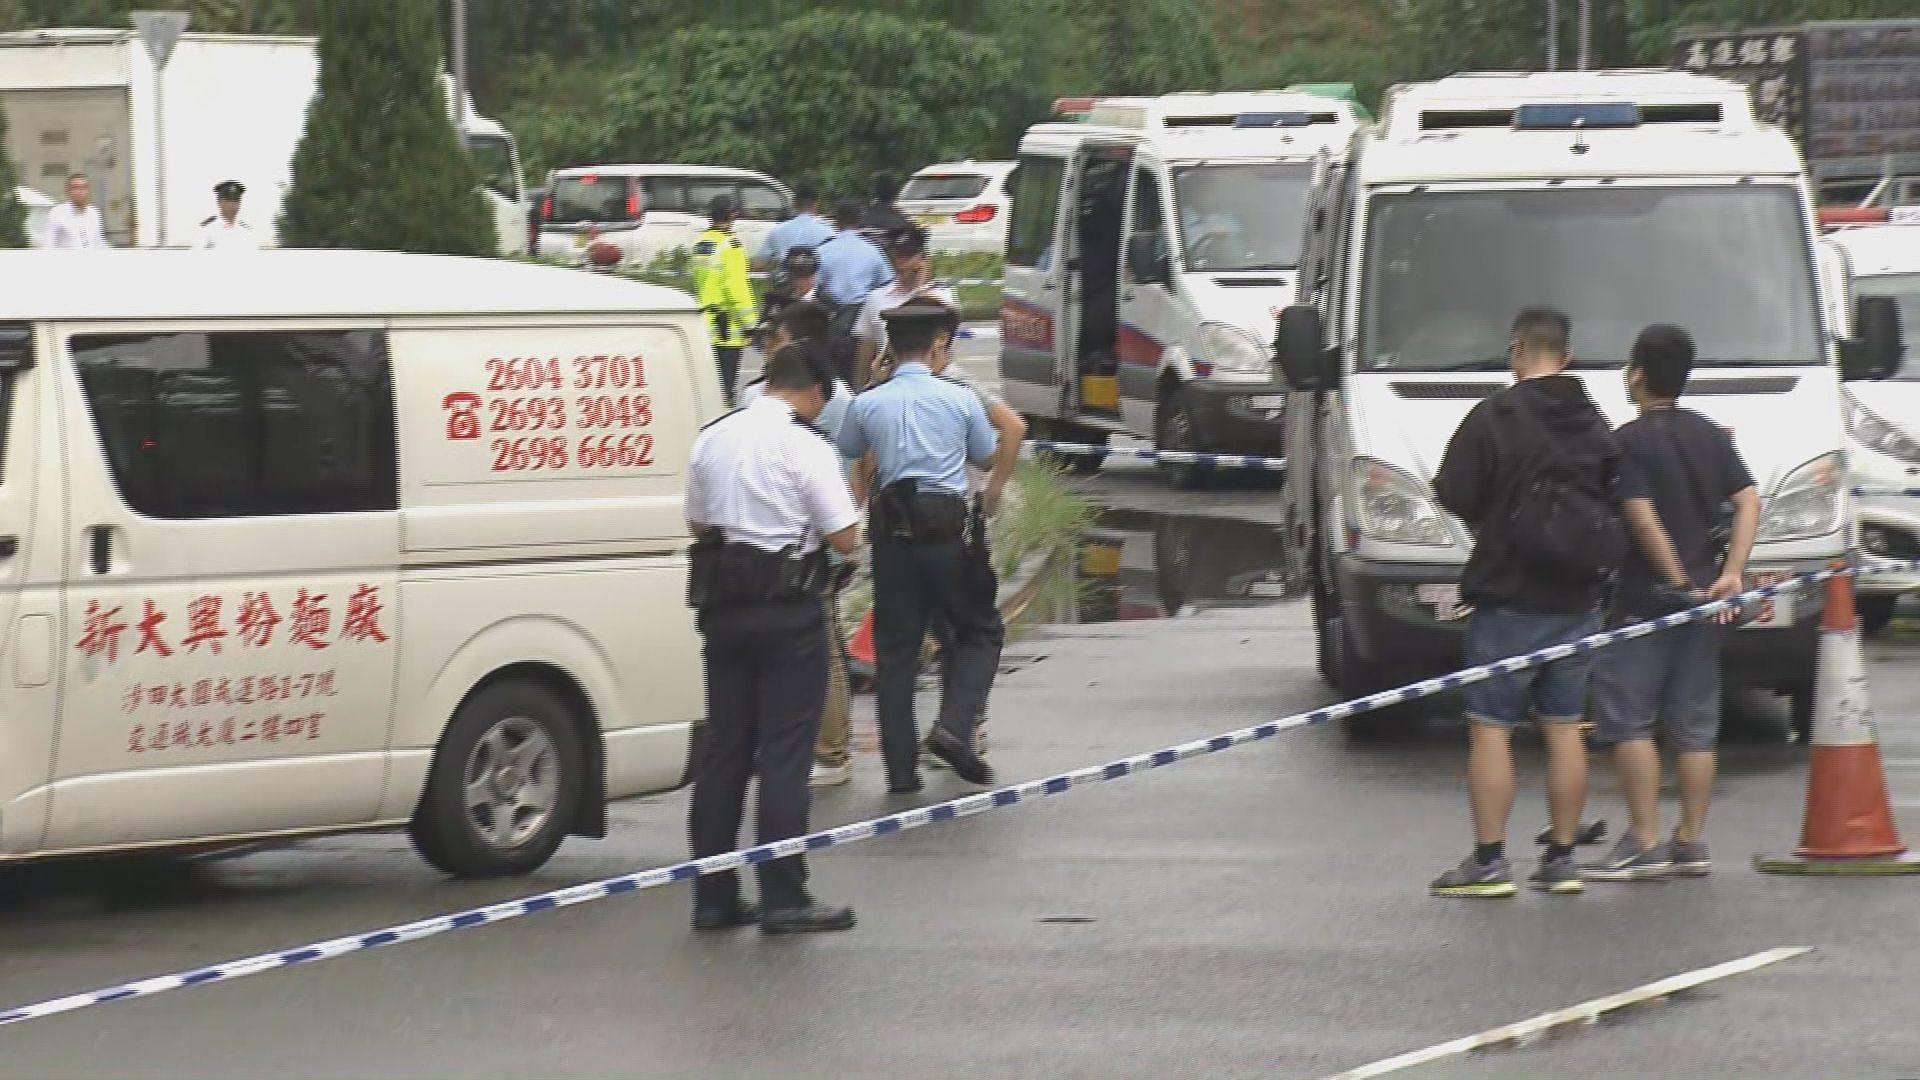 林錦公路有警員開槍 多處設路障追捕疑犯